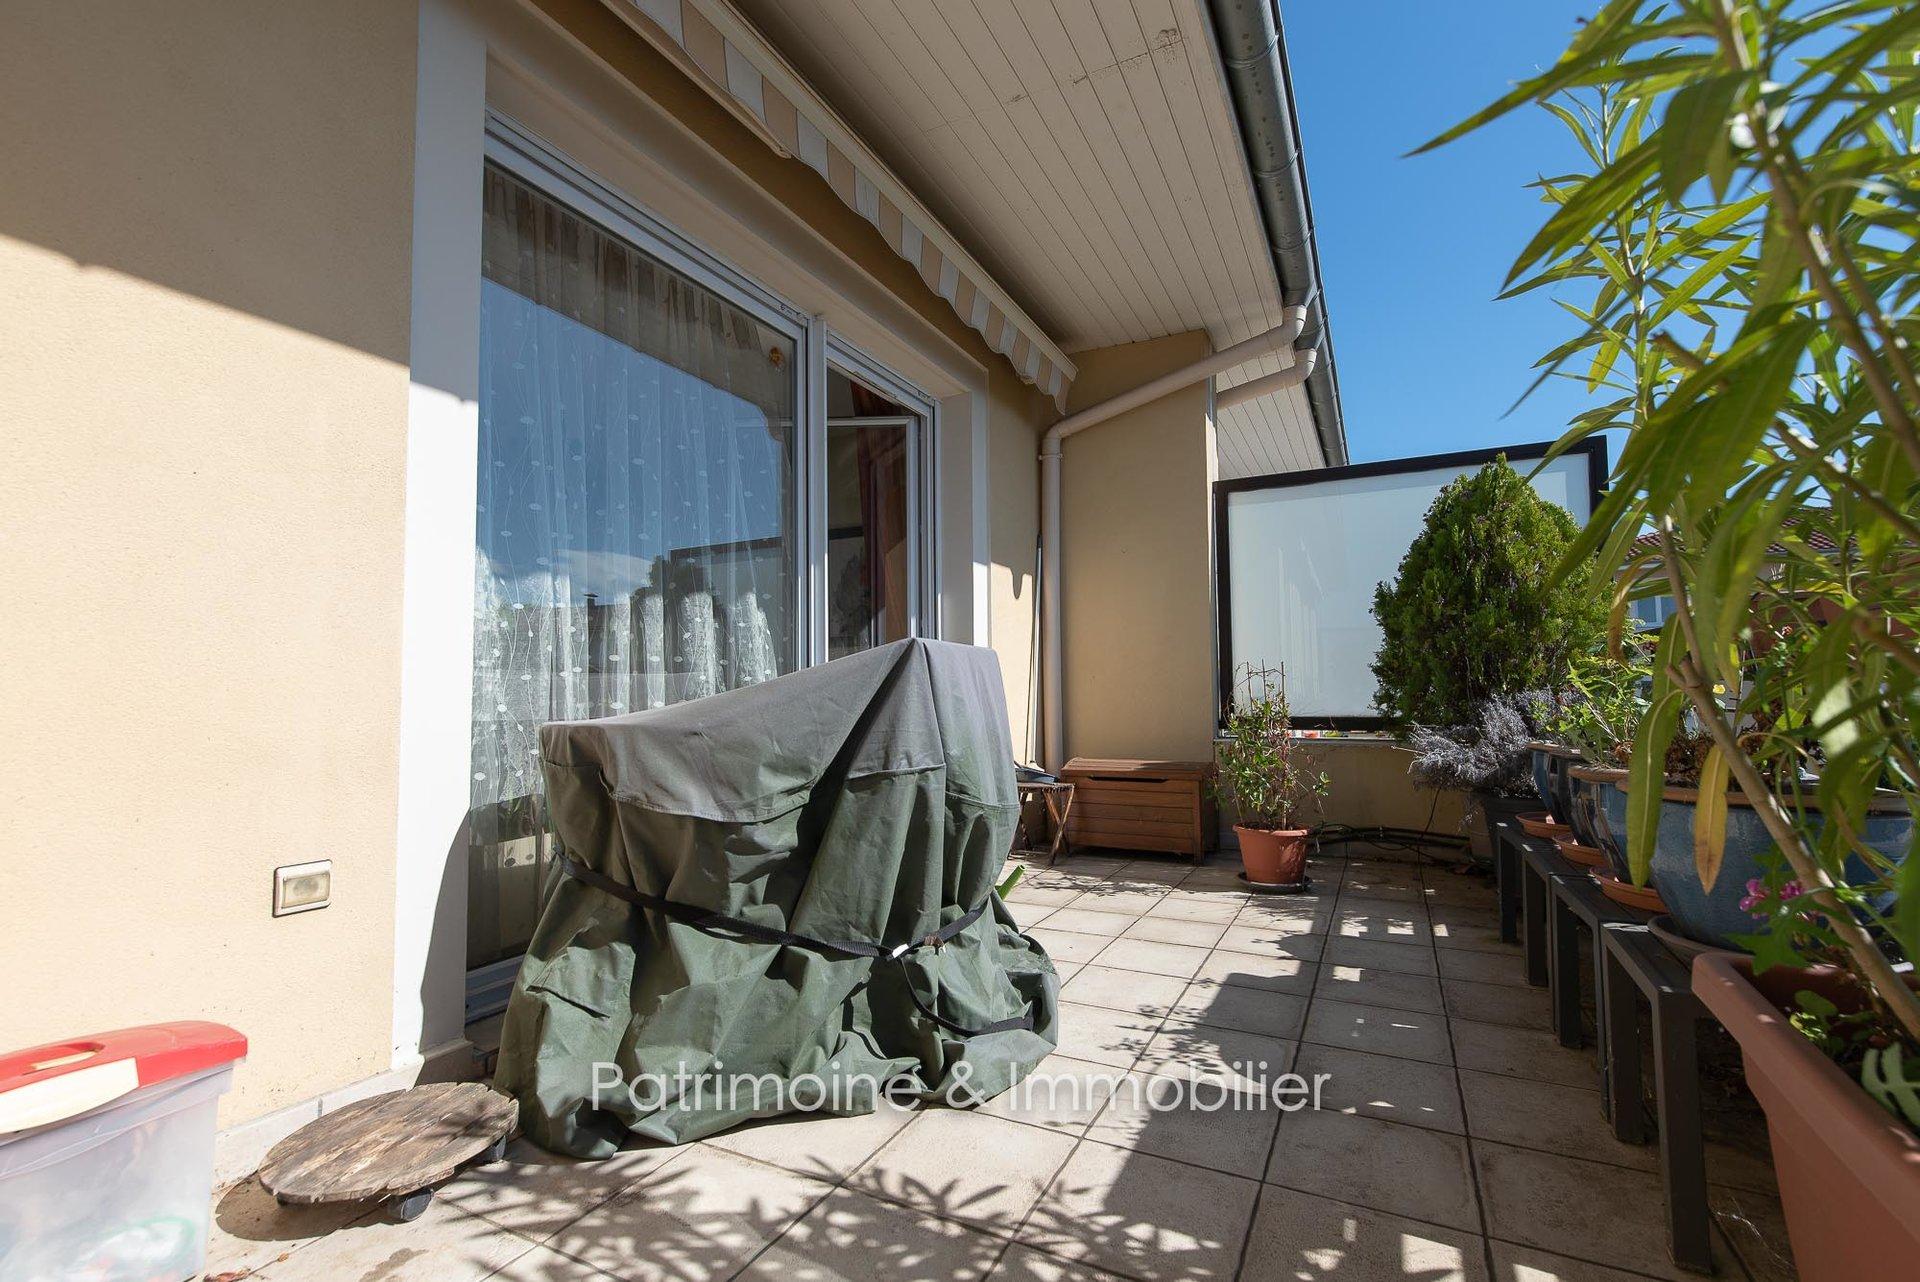 Francheville Bel Air - Dernier étage terrasse - T5 128 m2